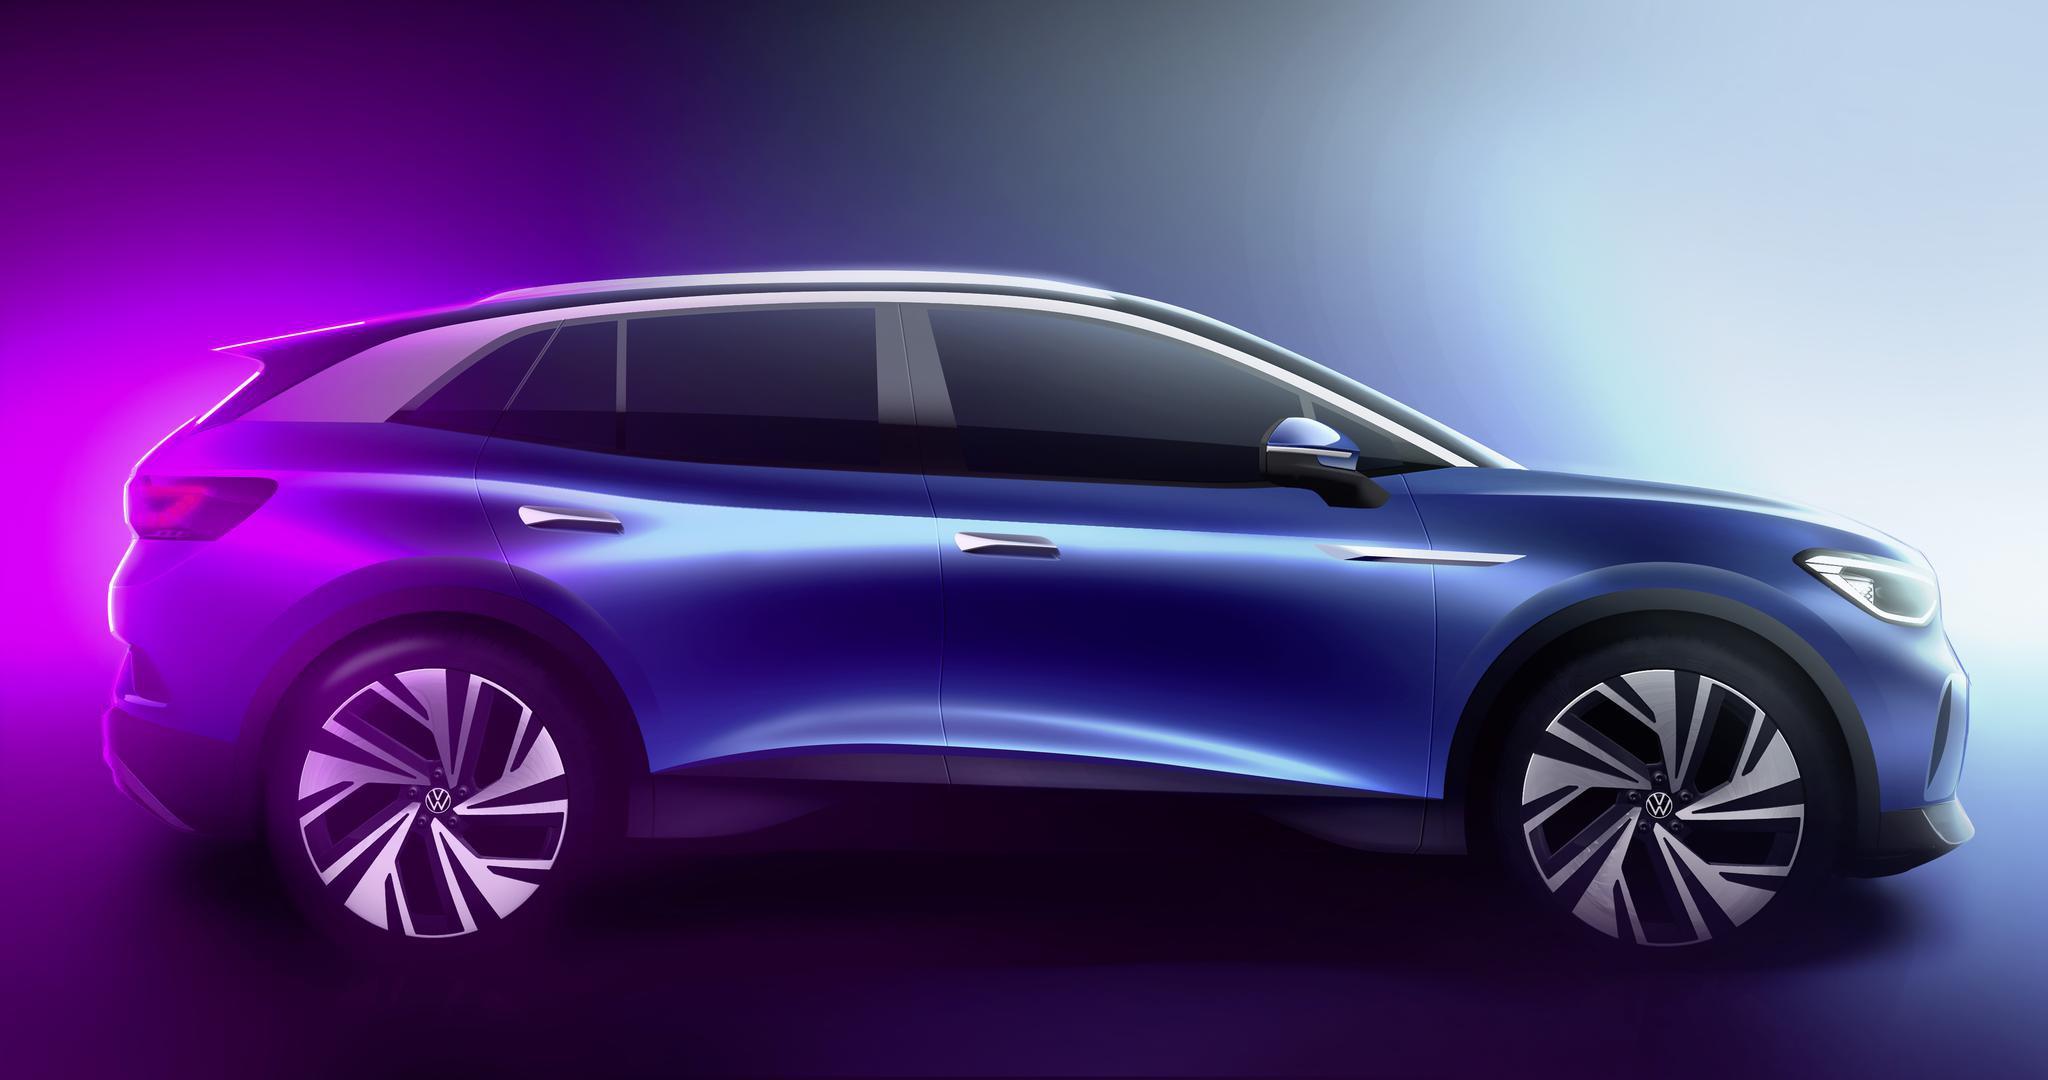 官纯博客_大众汽车线上预展首款纯电动SUV ID.4 | 一线车讯|大众汽车|纯电动 ...